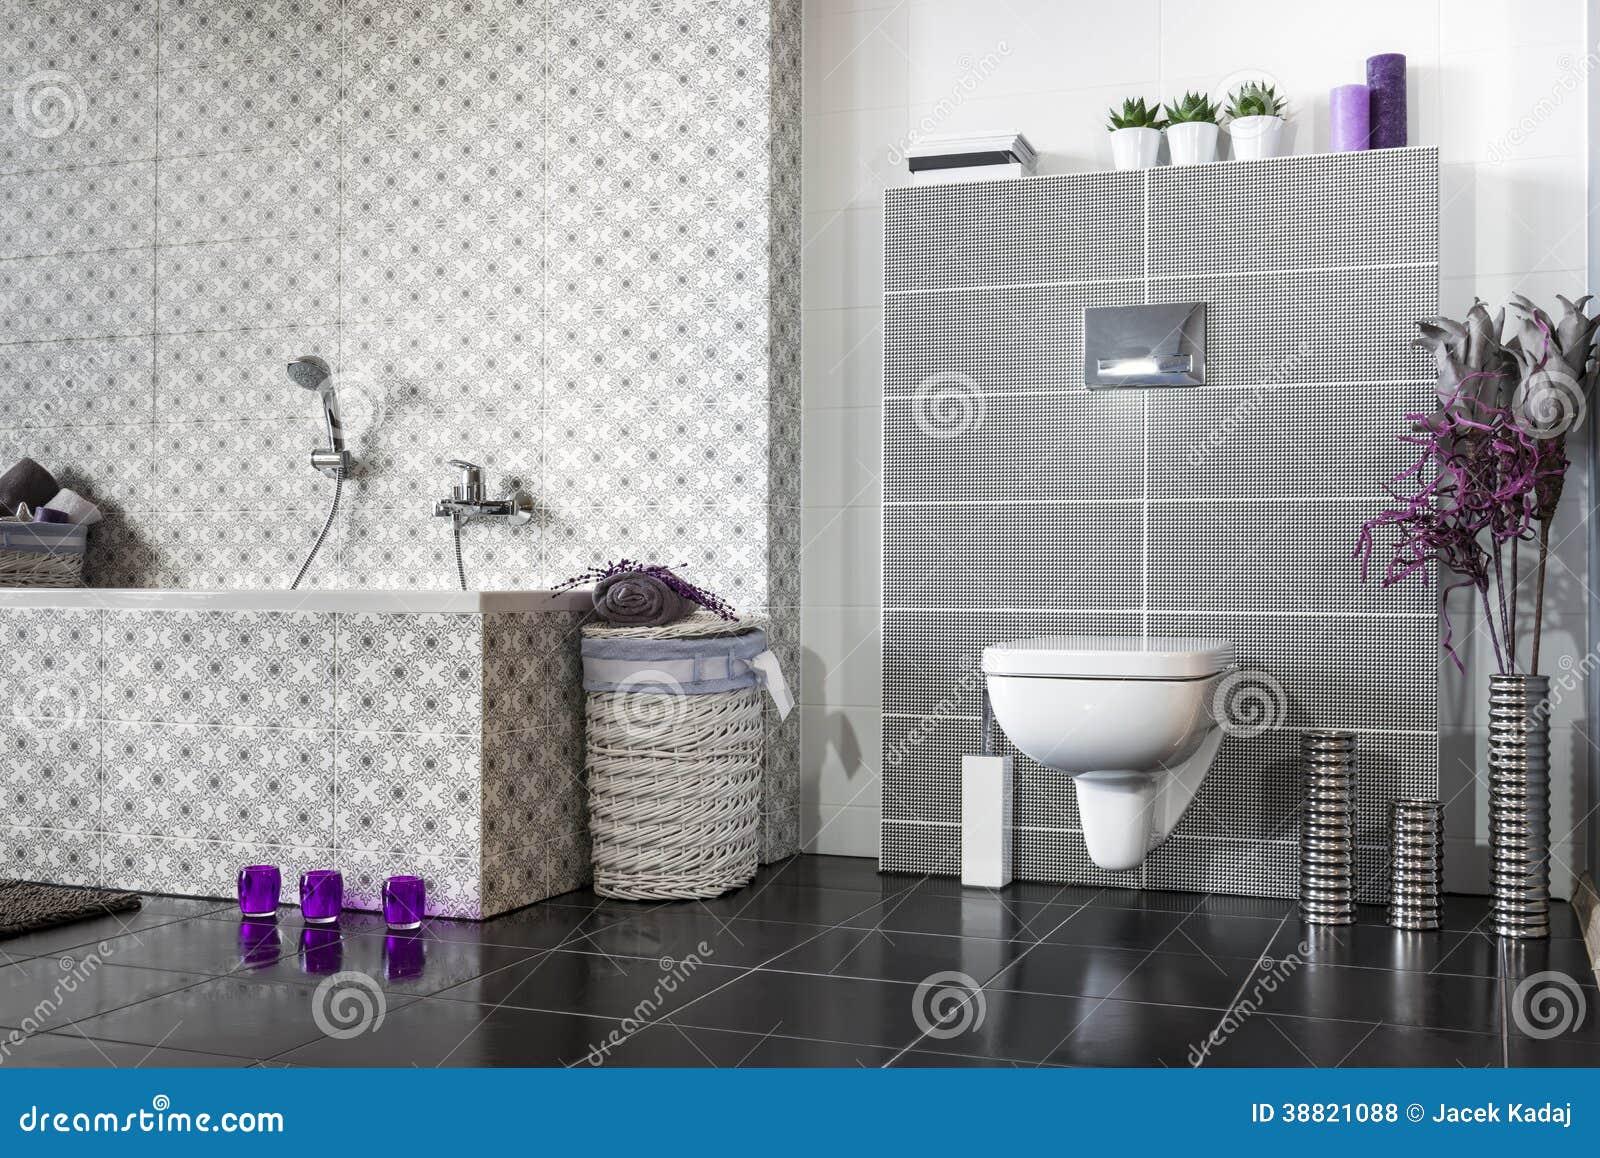 Banheiro Moderno Preto E Branco Foto de Stock Imagem: 38821088 #663F70 1300x958 Banheiro Branco Moderno